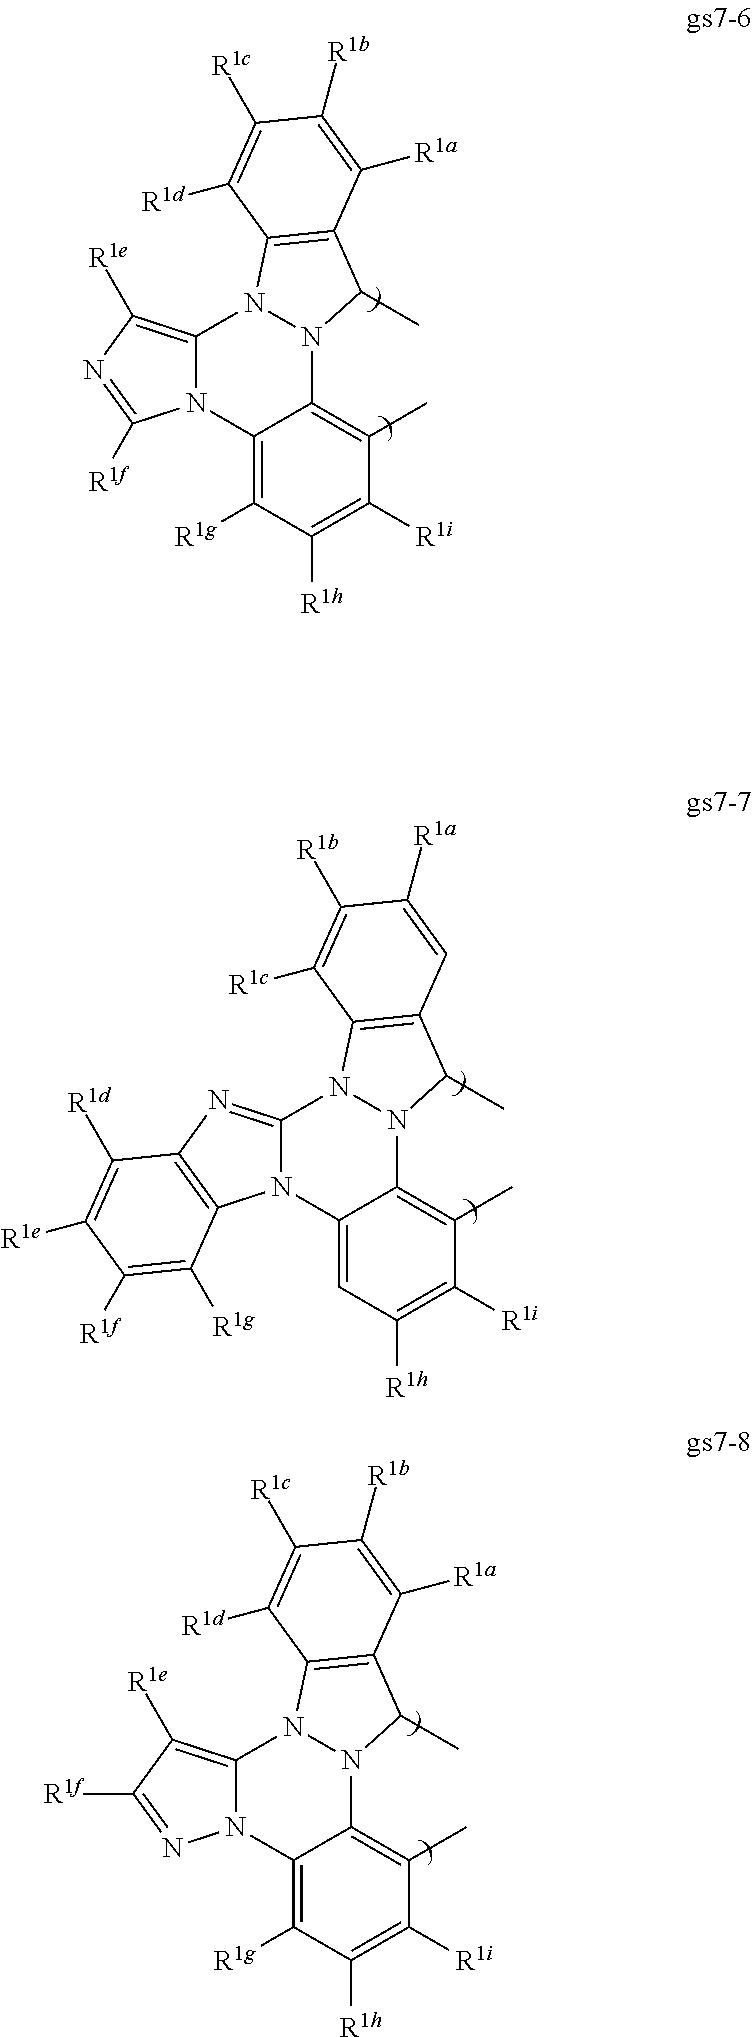 Figure US20110073849A1-20110331-C00191